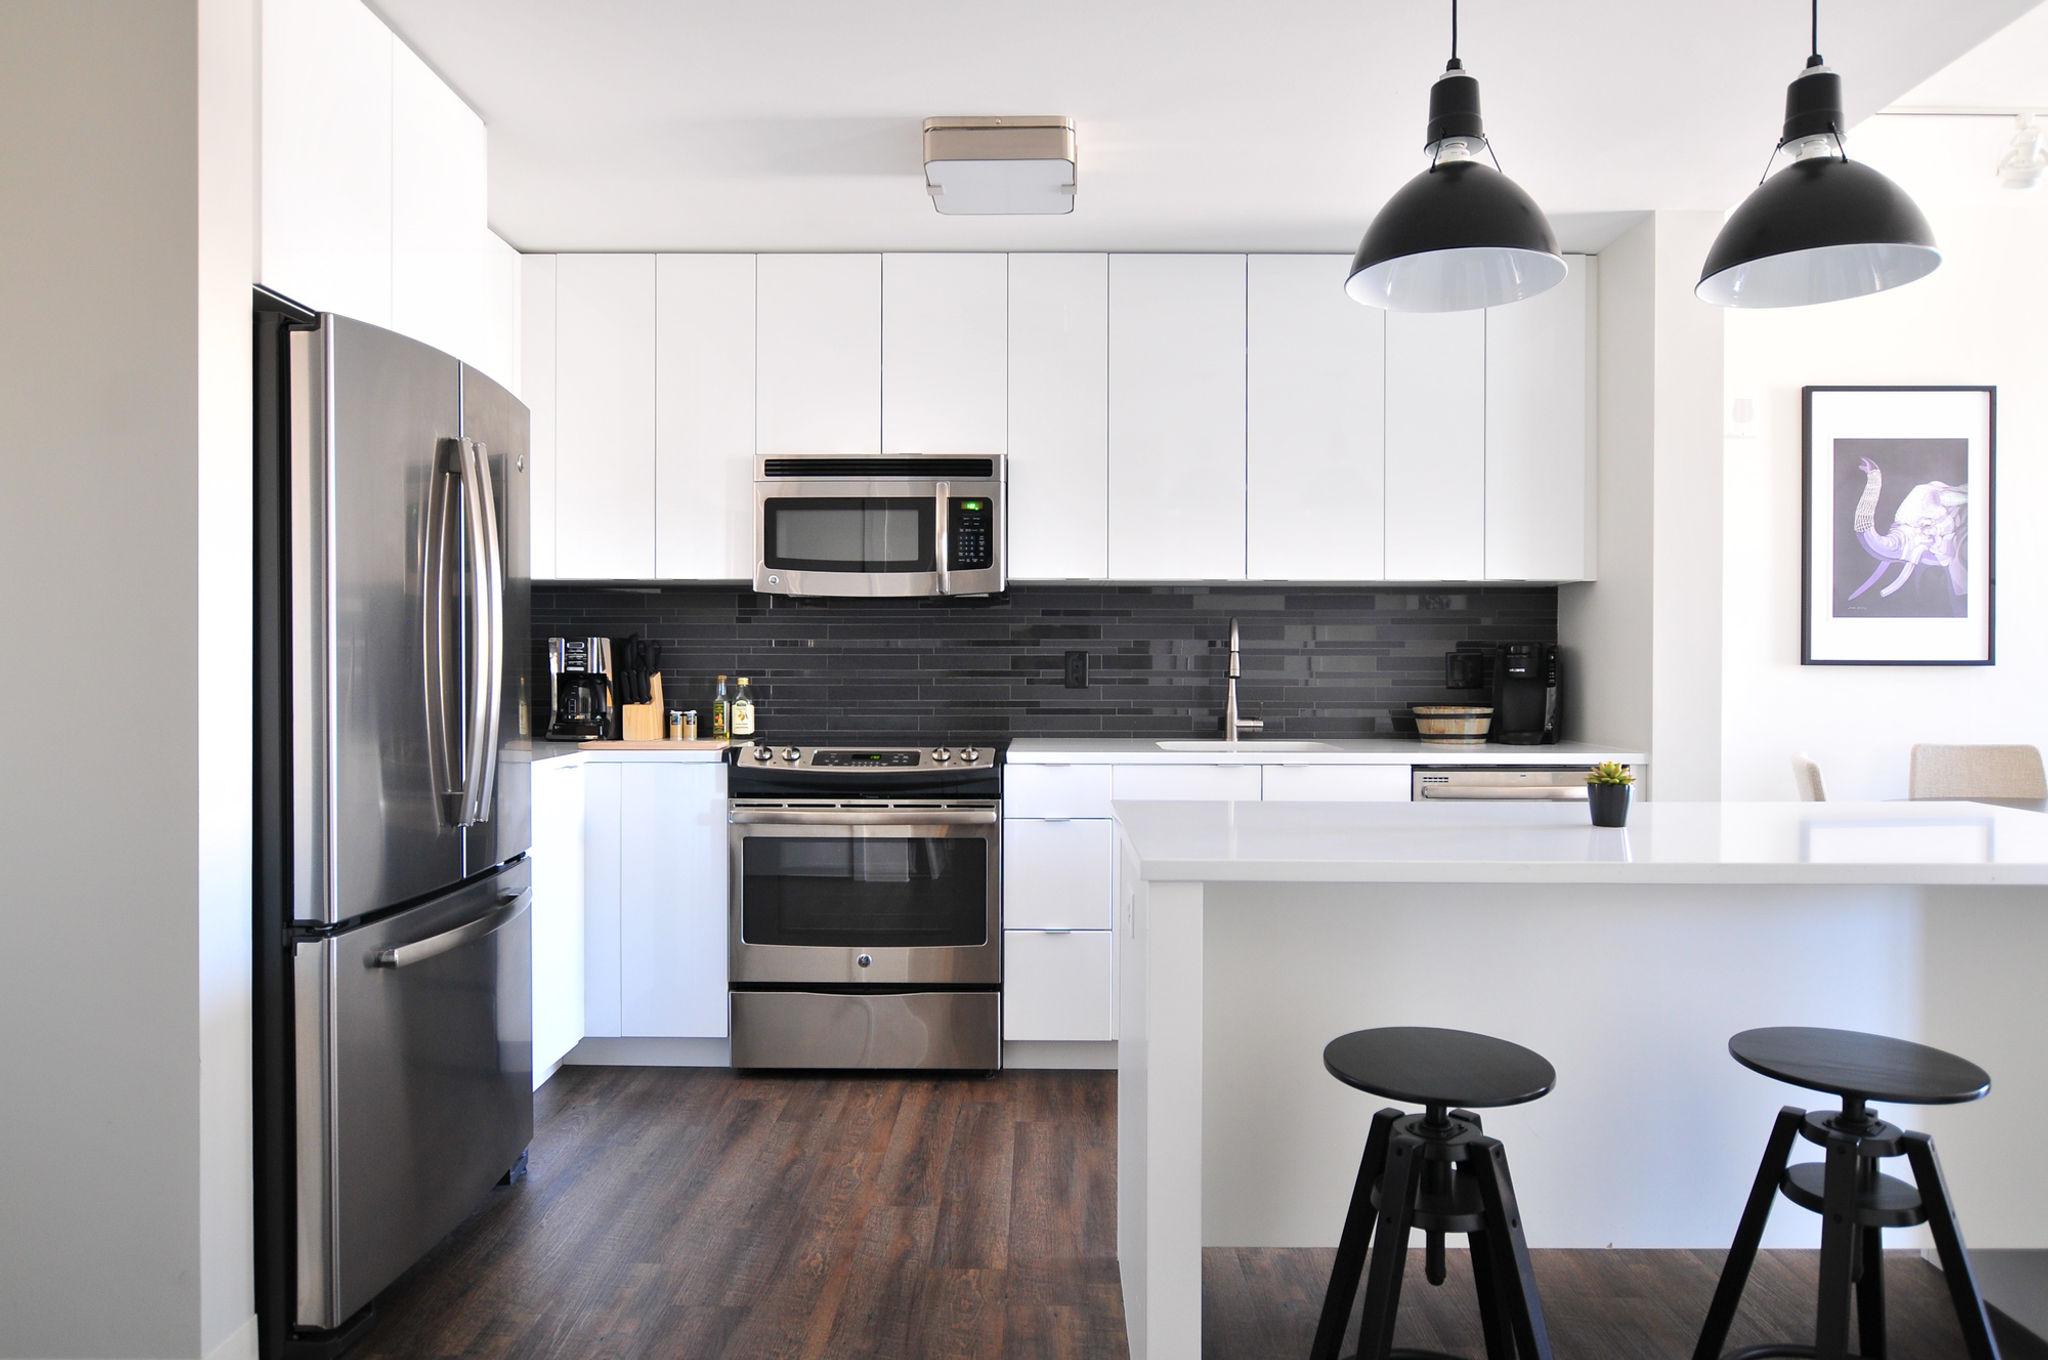 the kitchen remodeling timeline